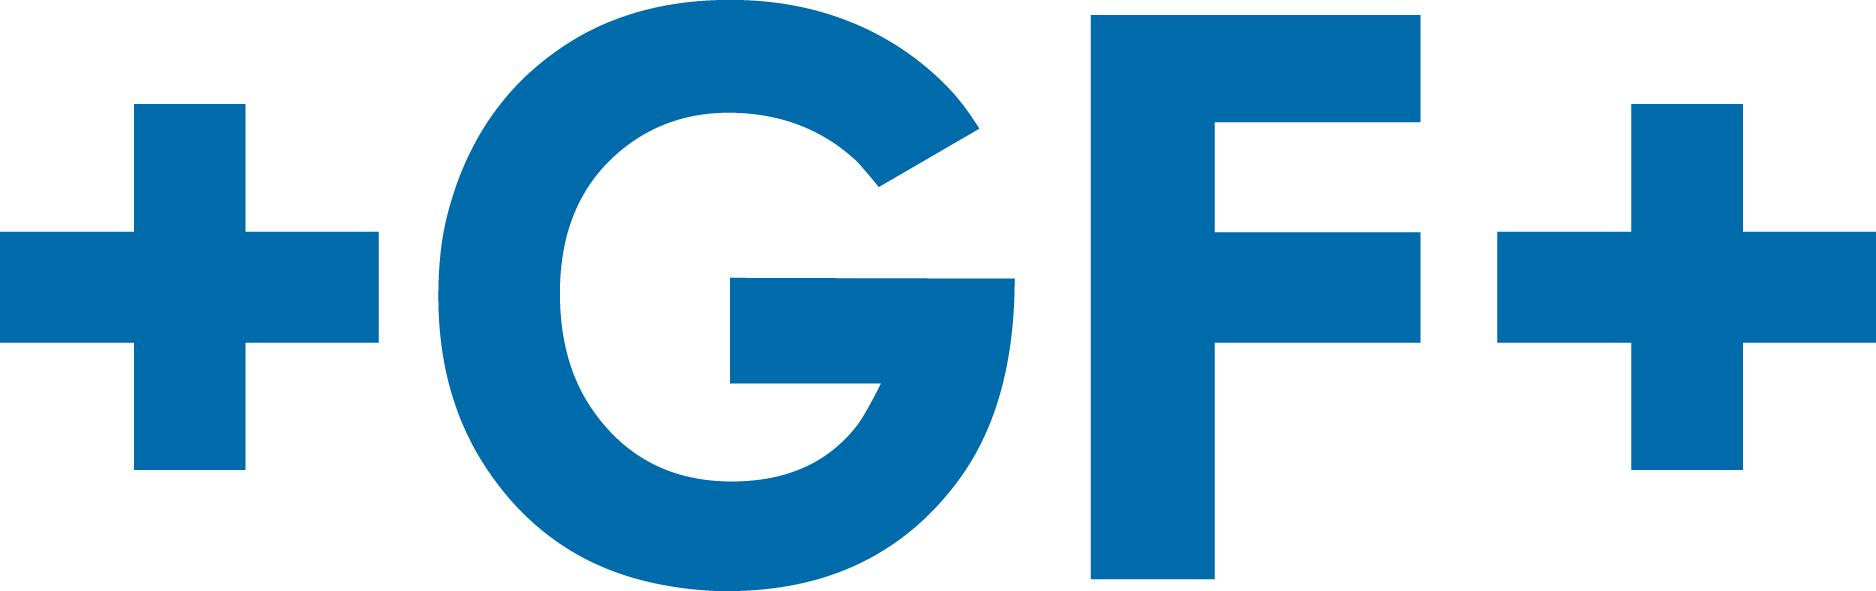 PT Georg Fischer Trading Indonesia (Surabaya branch office)